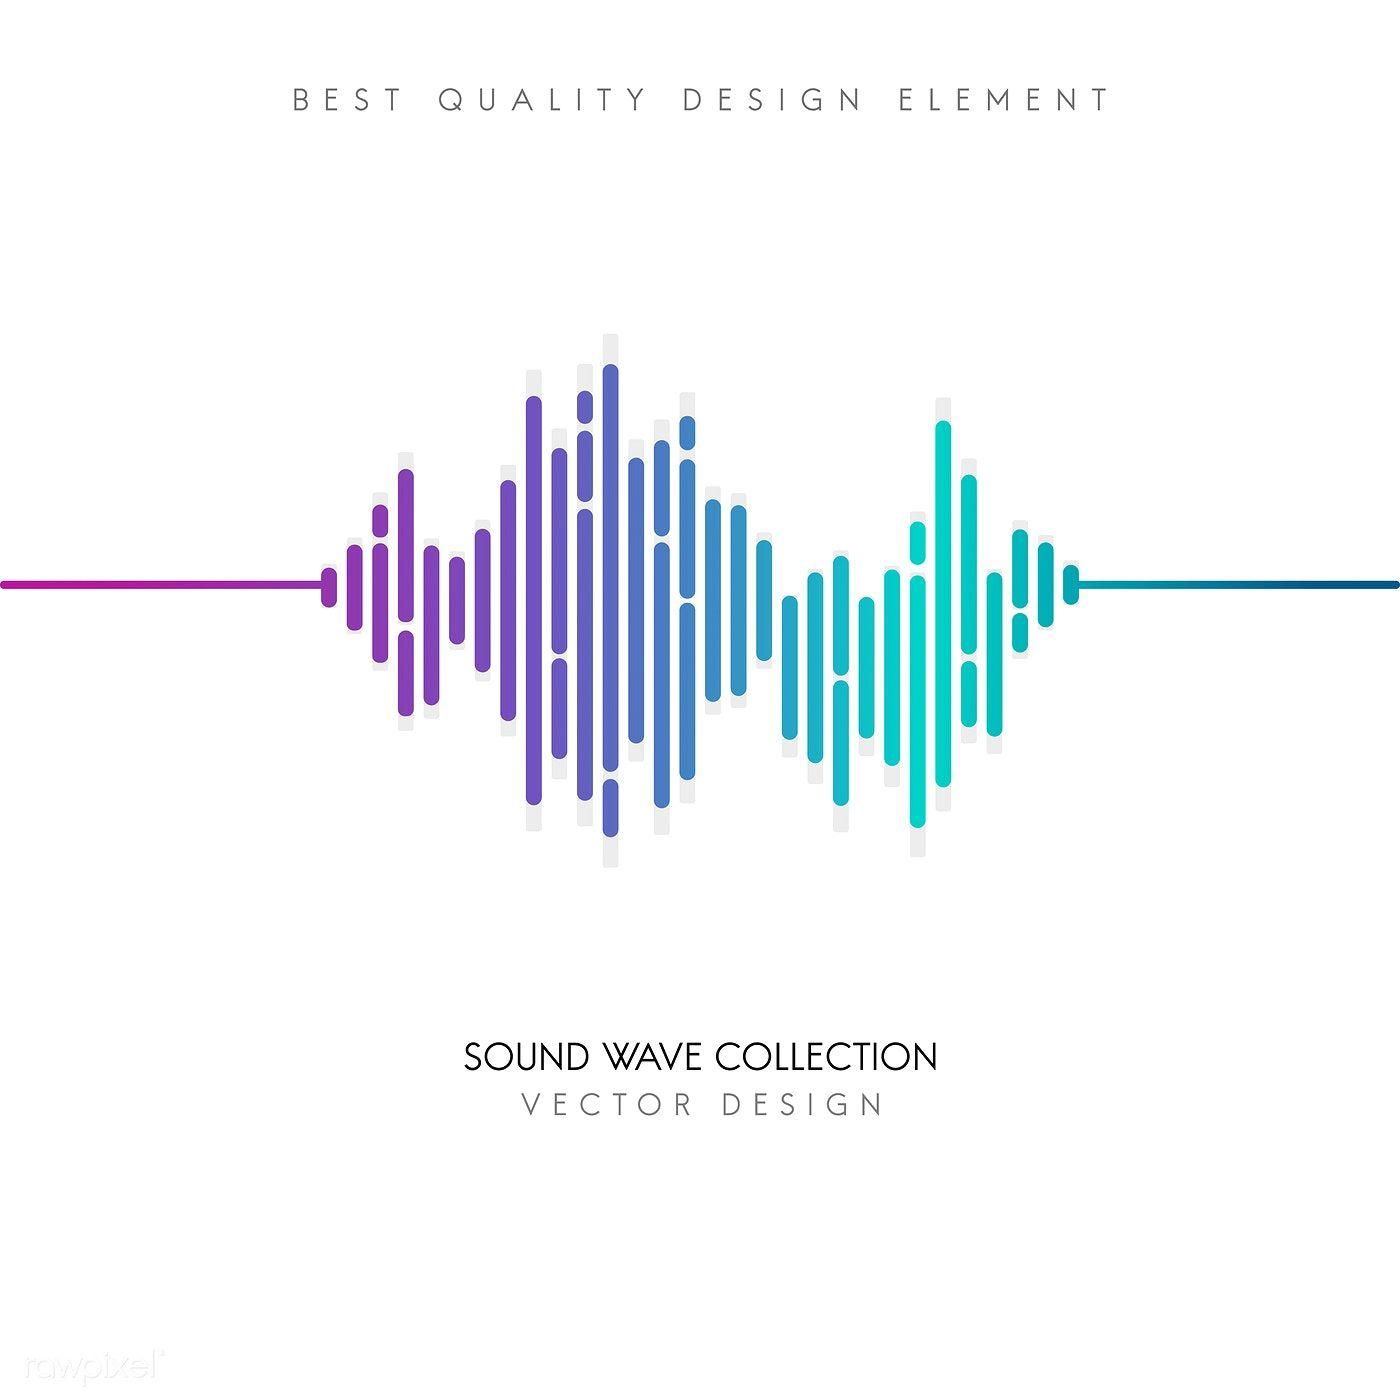 Sound Wave Equalizer Vector Design Free Image By Rawpixel Com Sound Waves Design Sound Waves Vector Design